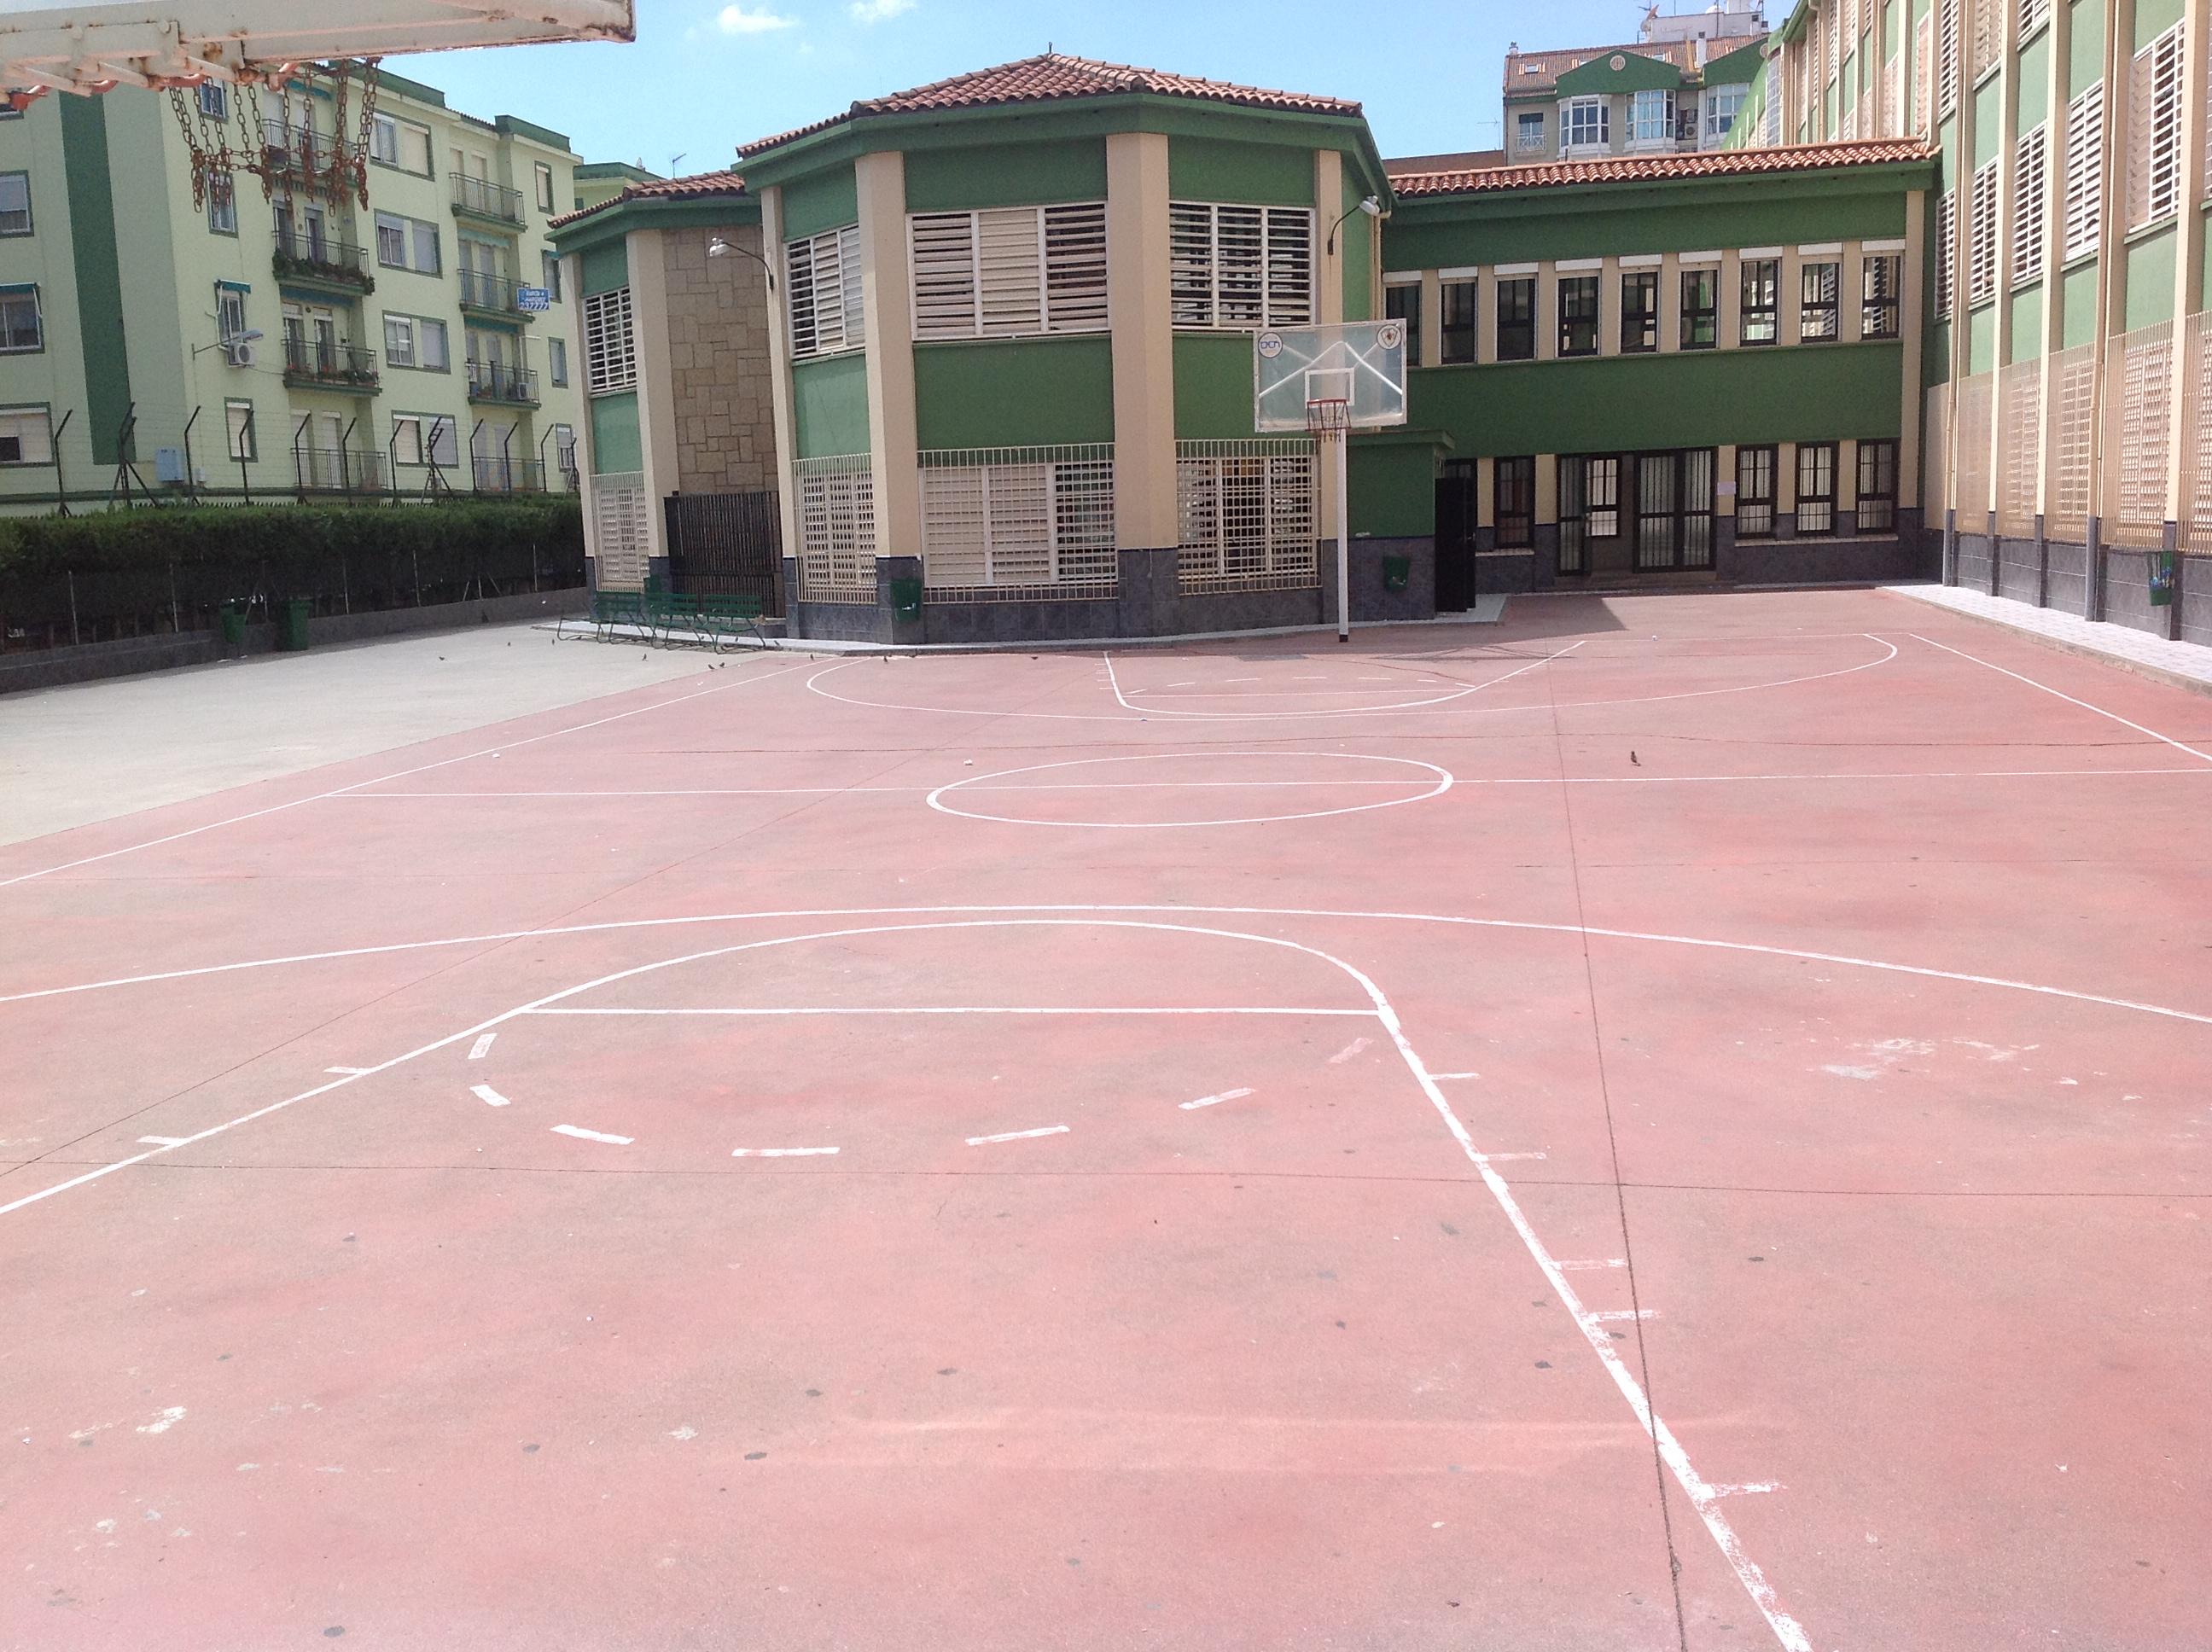 instalaciones-del-colegio_10442967335_o